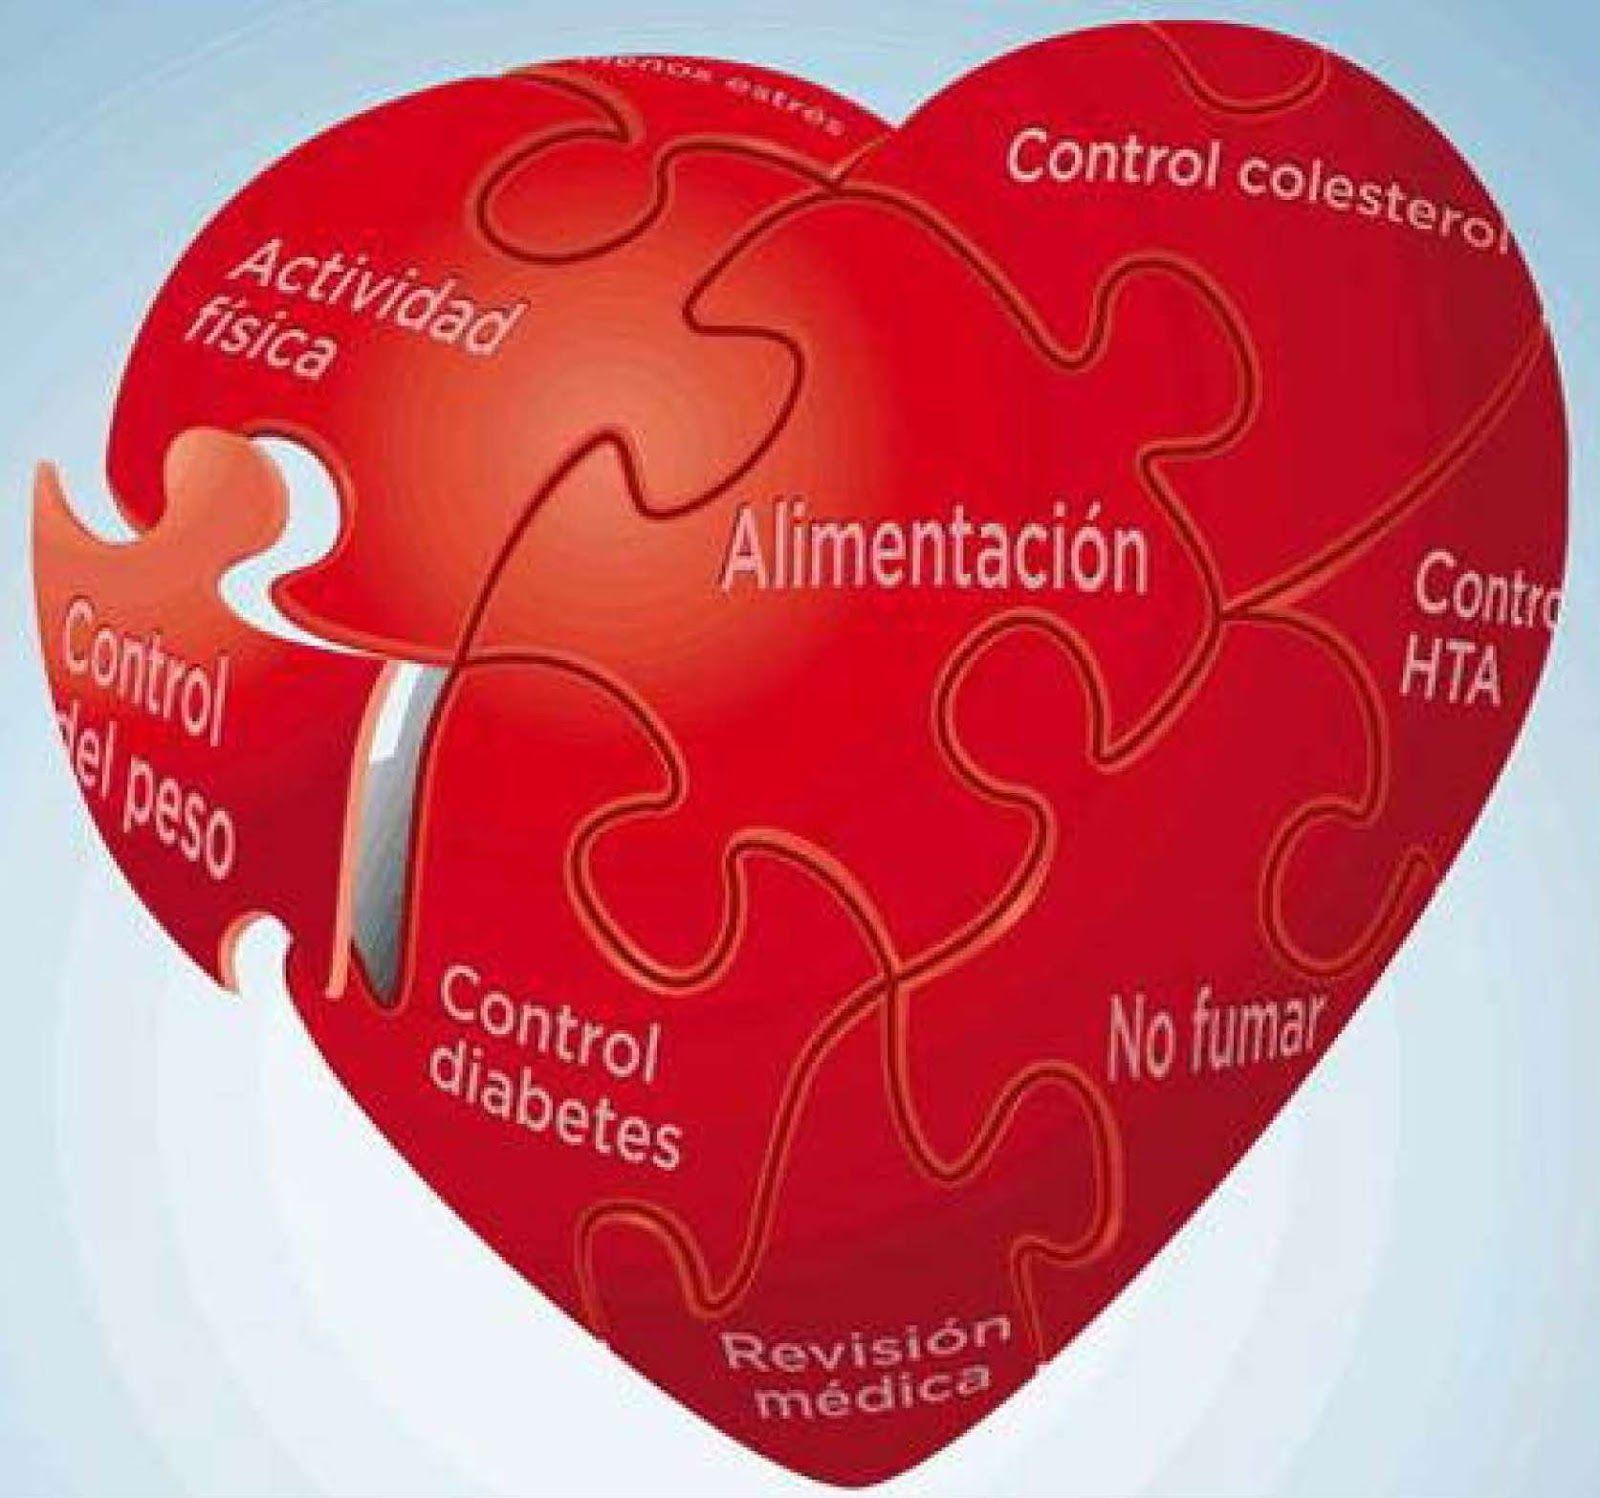 Hipertensión fundación del corazón mundial